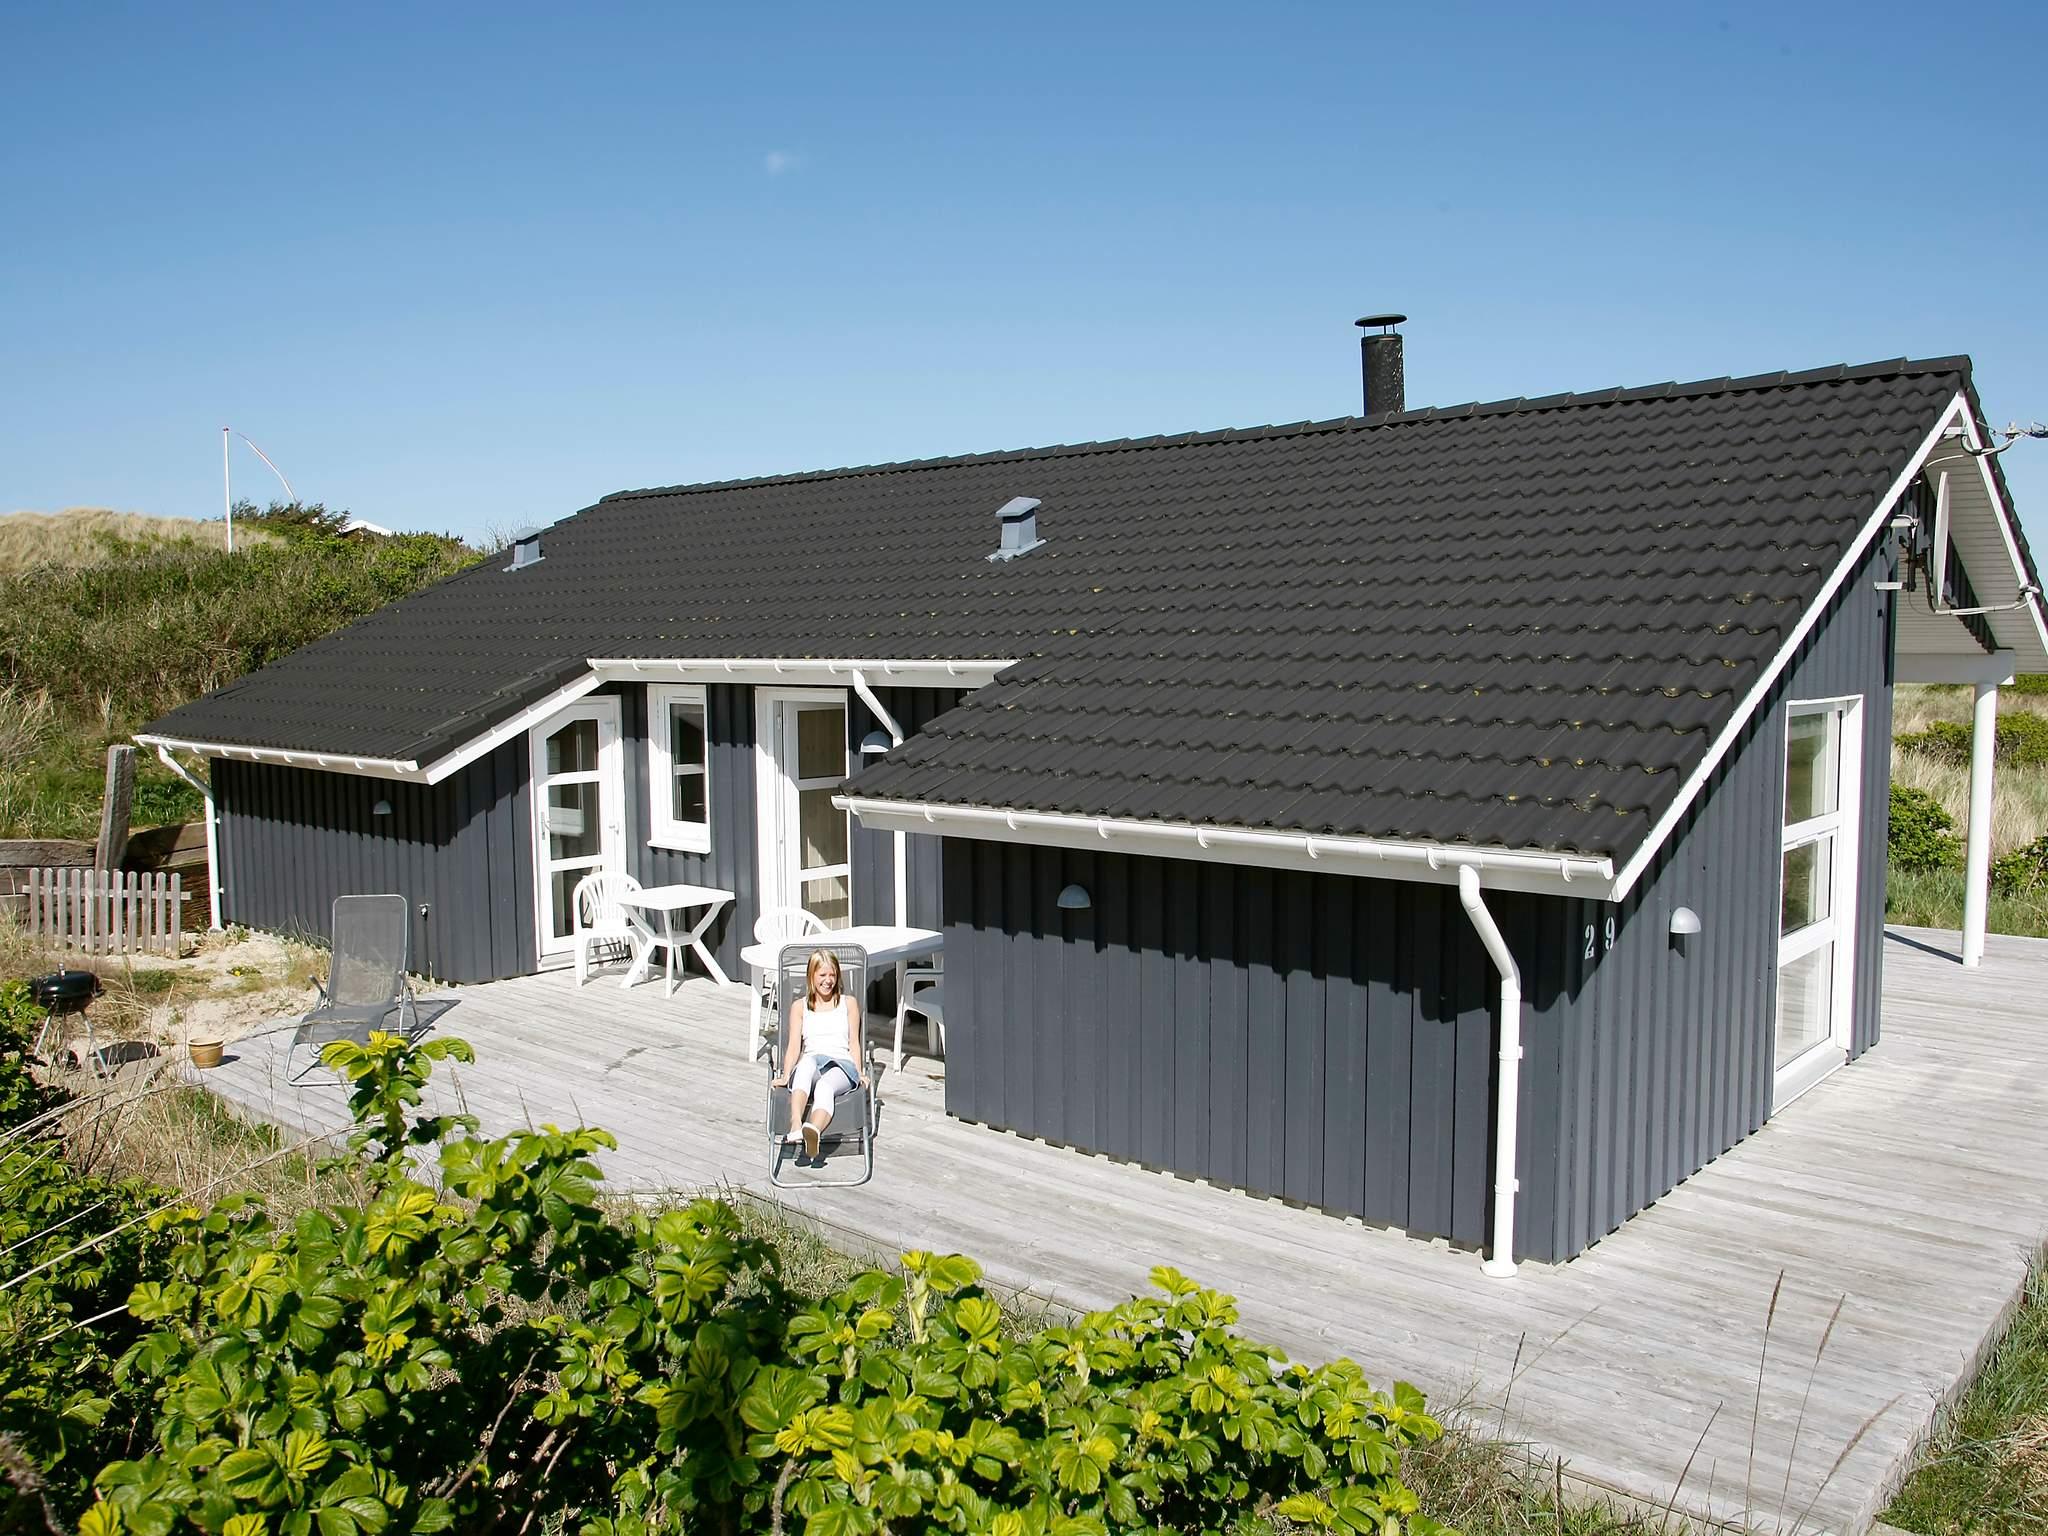 Ferienhaus Løkken (83922), Løkken, , Nordwestjütland, Dänemark, Bild 9